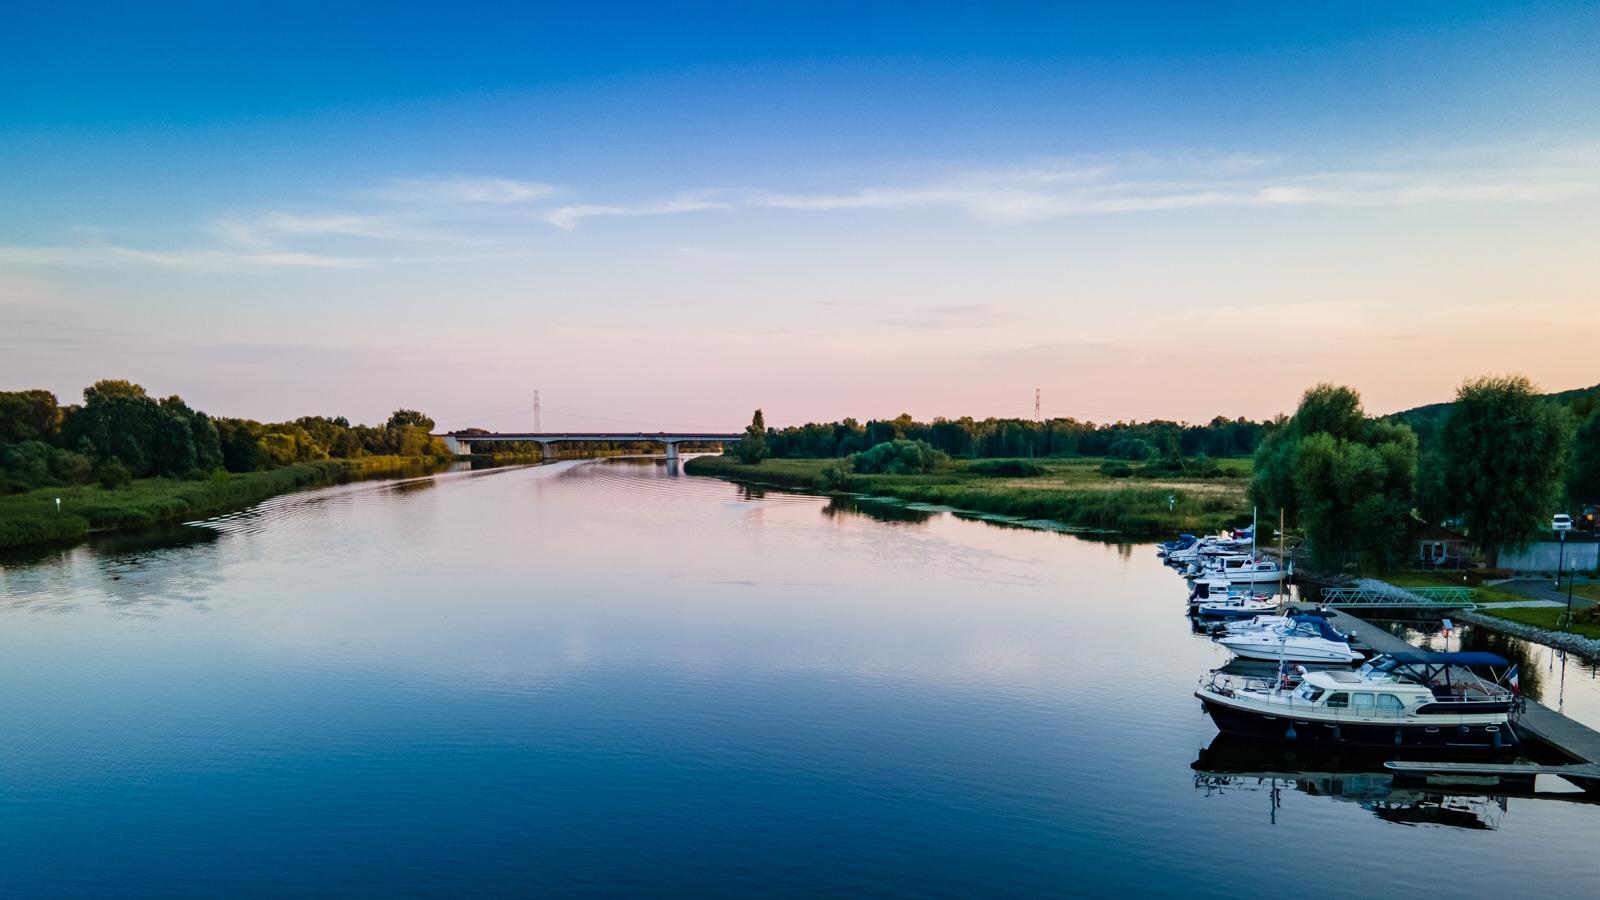 zdjęcia z drona Szczecin